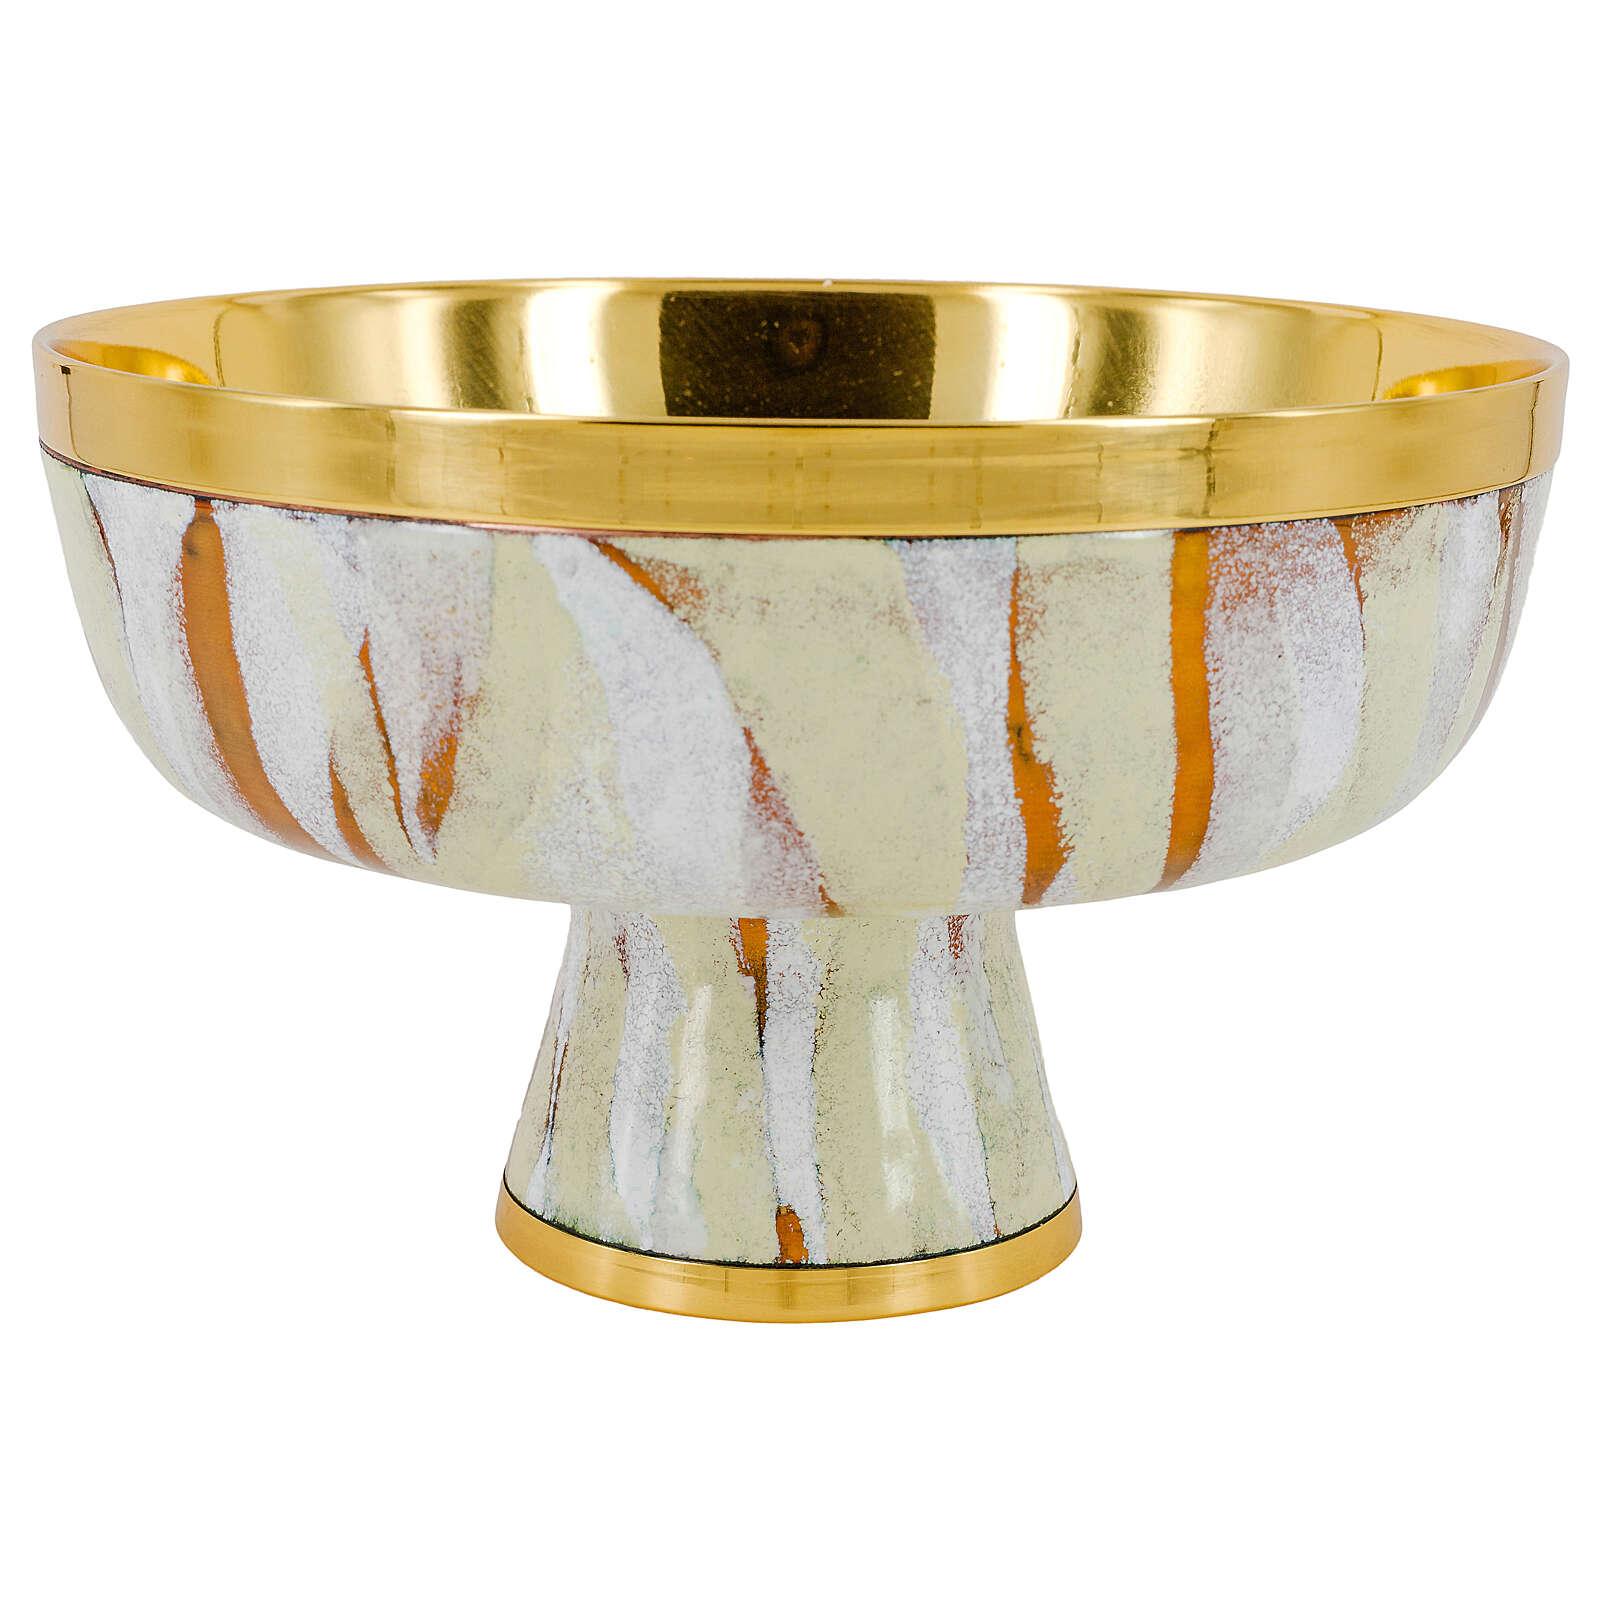 Pisside bassa smalto bianco coperchio croce ottone dorato 4